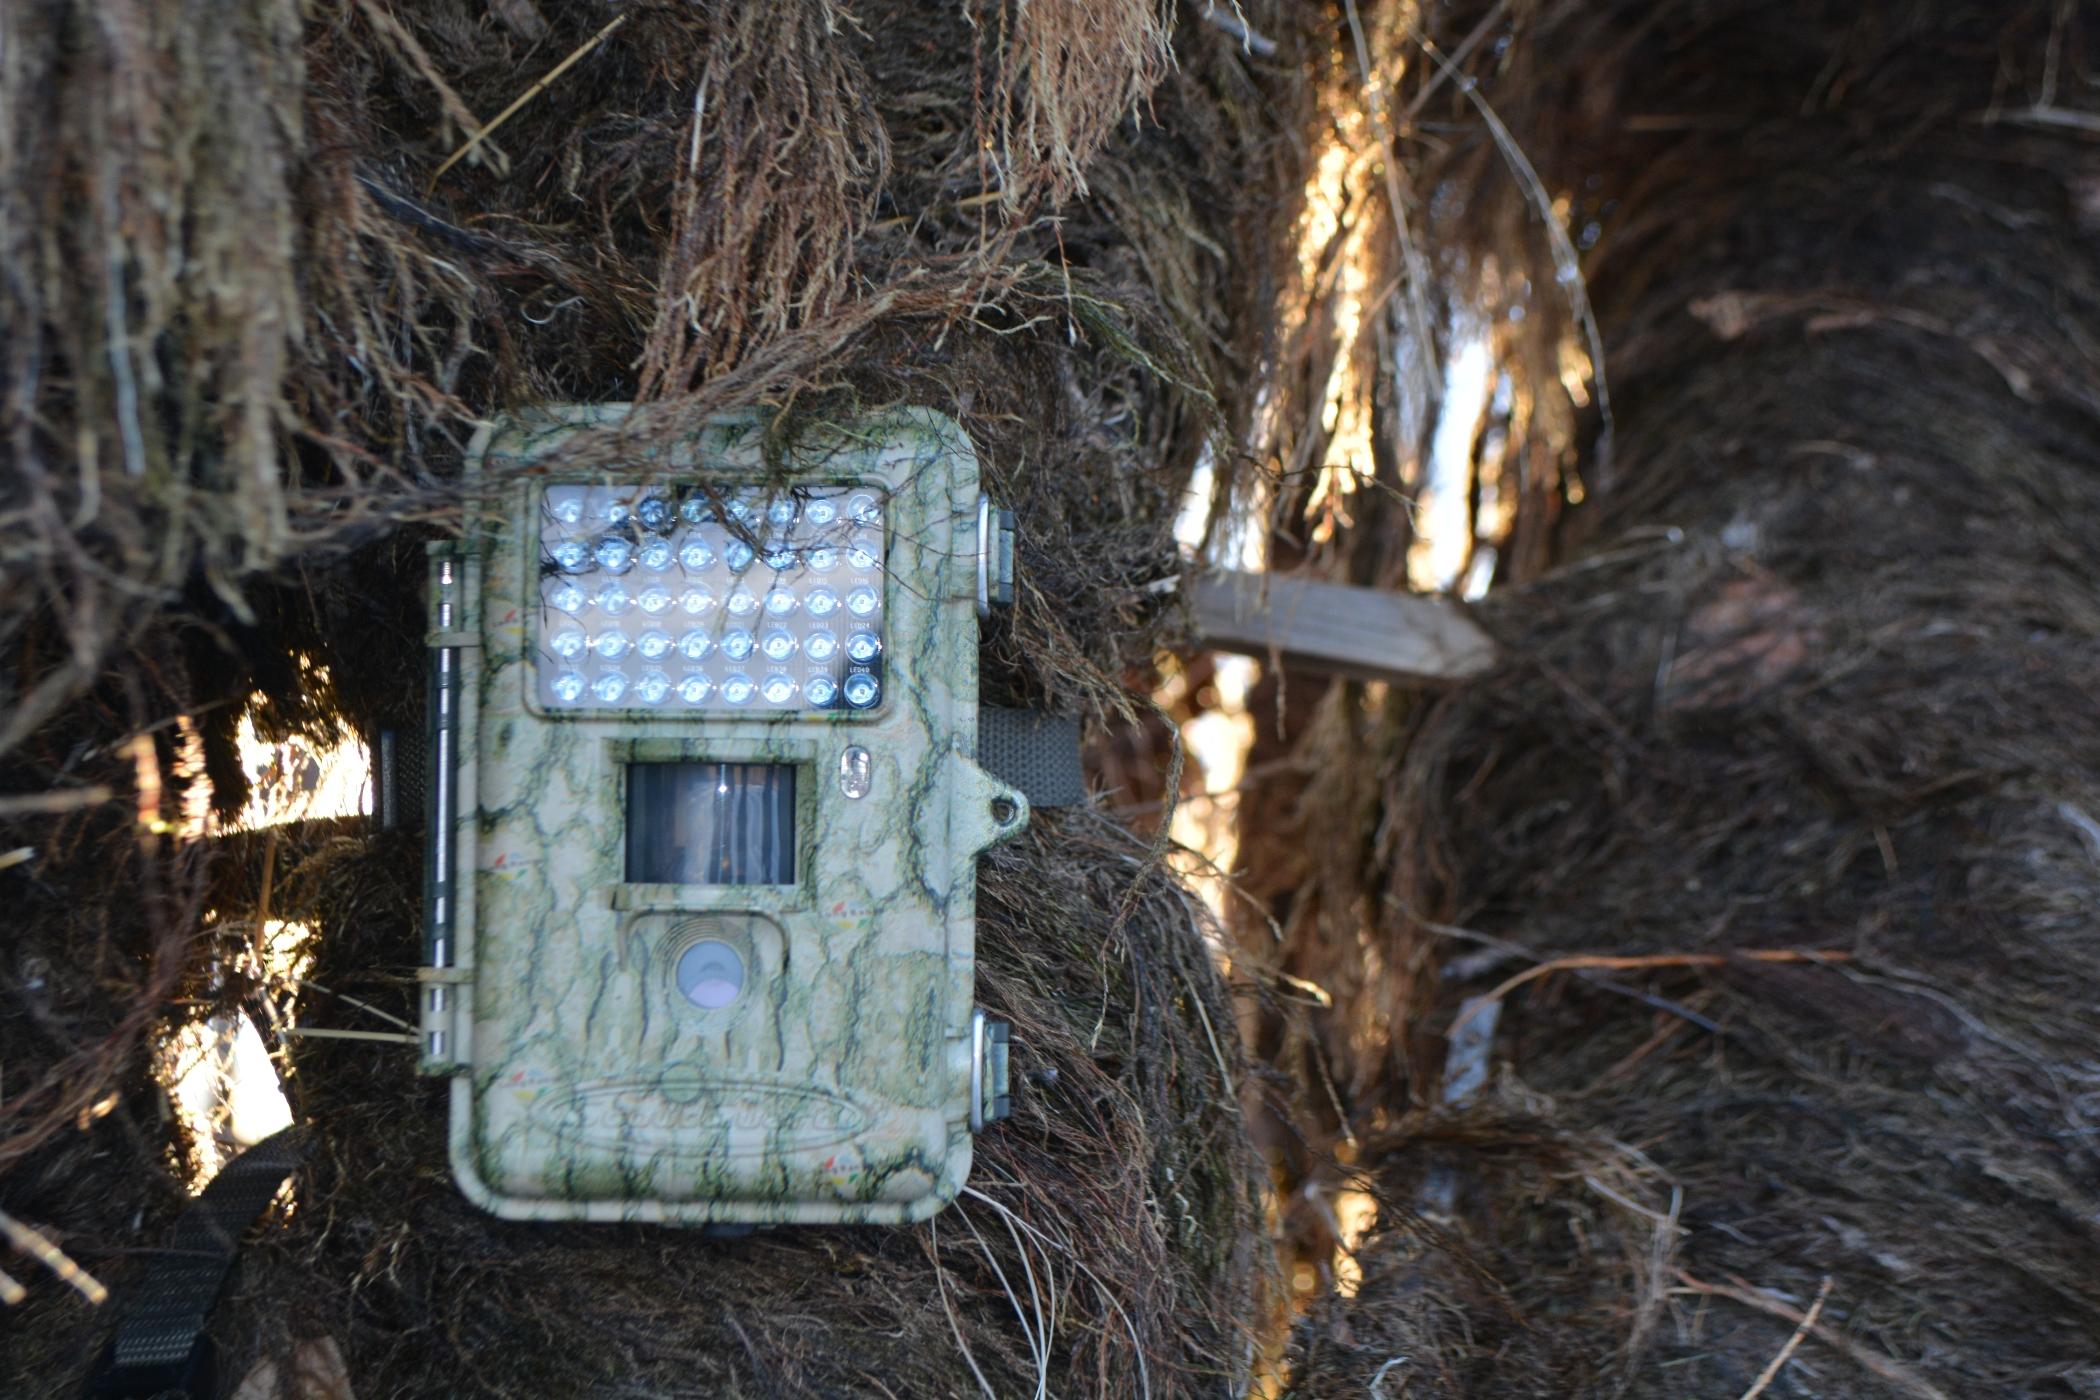 главное как вычислить фотоловушку в лесу этом разделе собраны